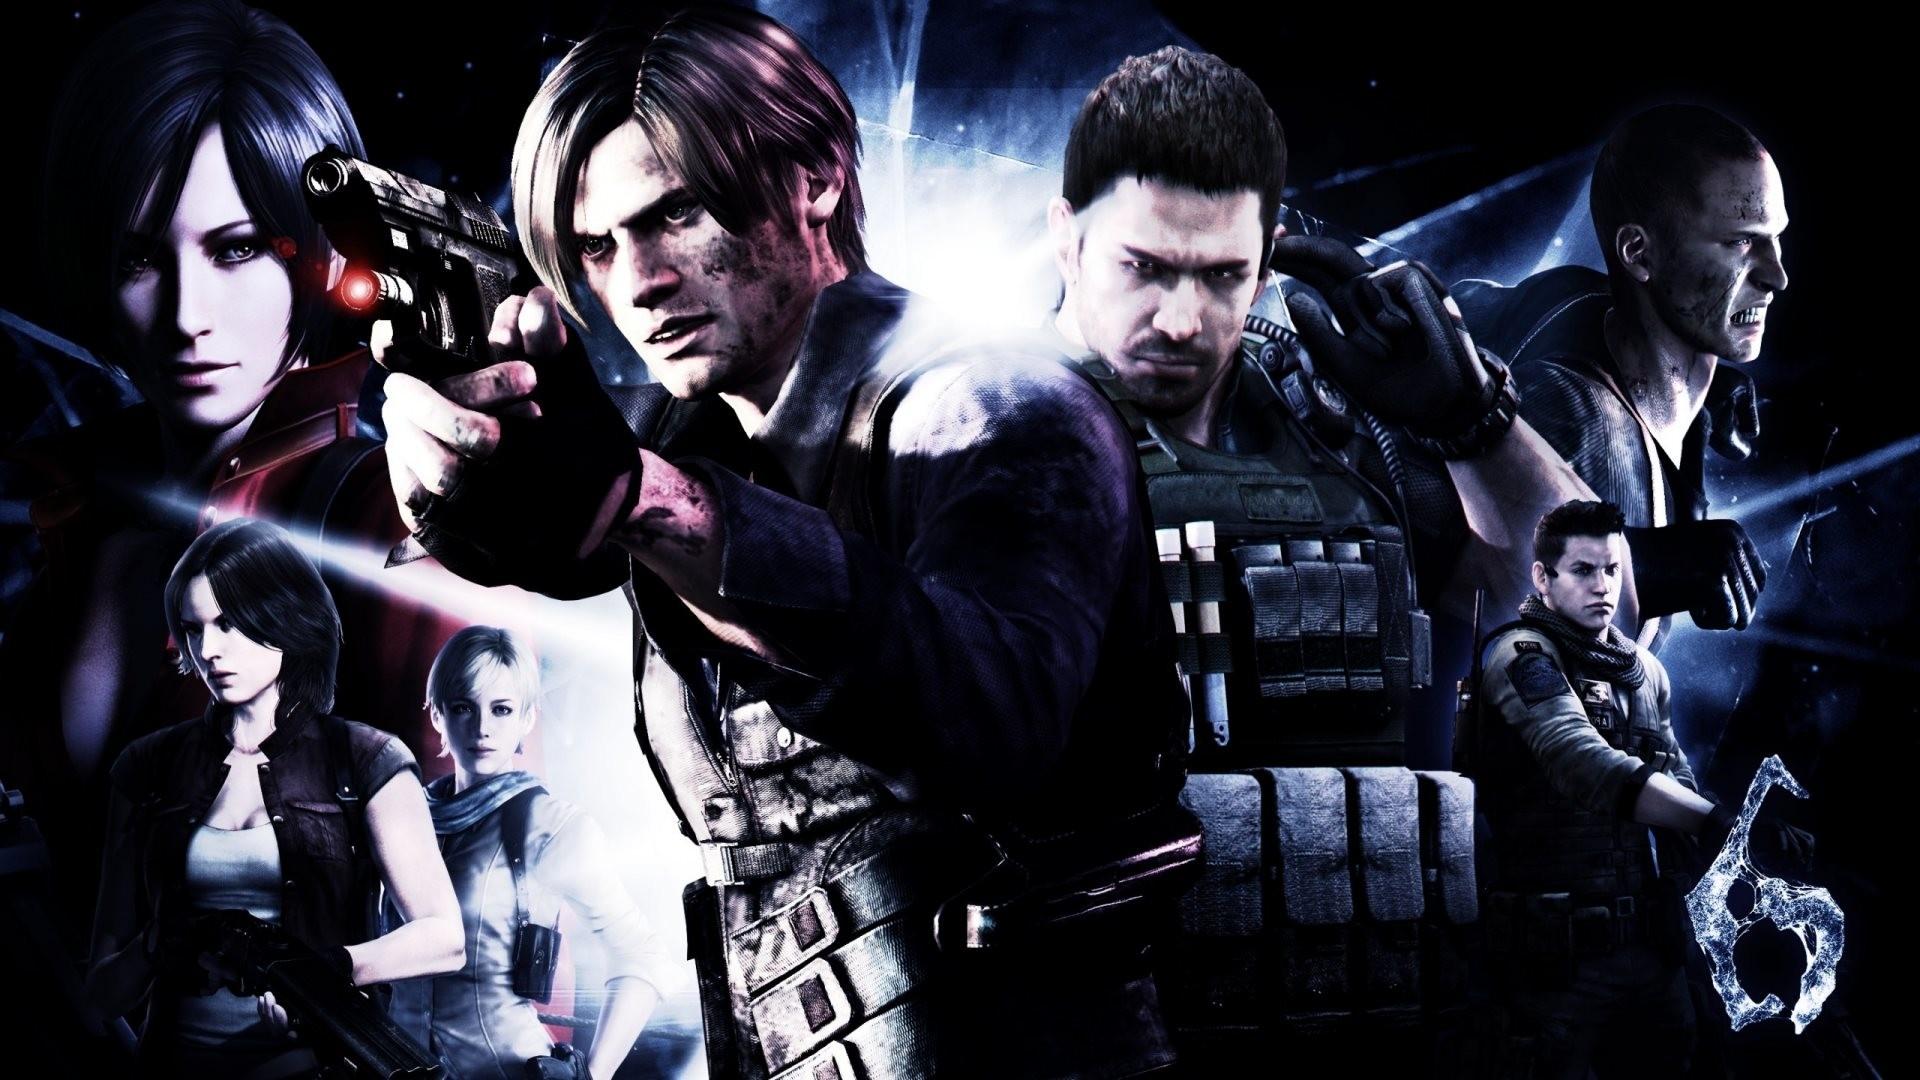 Video Game – Resident Evil 6 Wallpaper